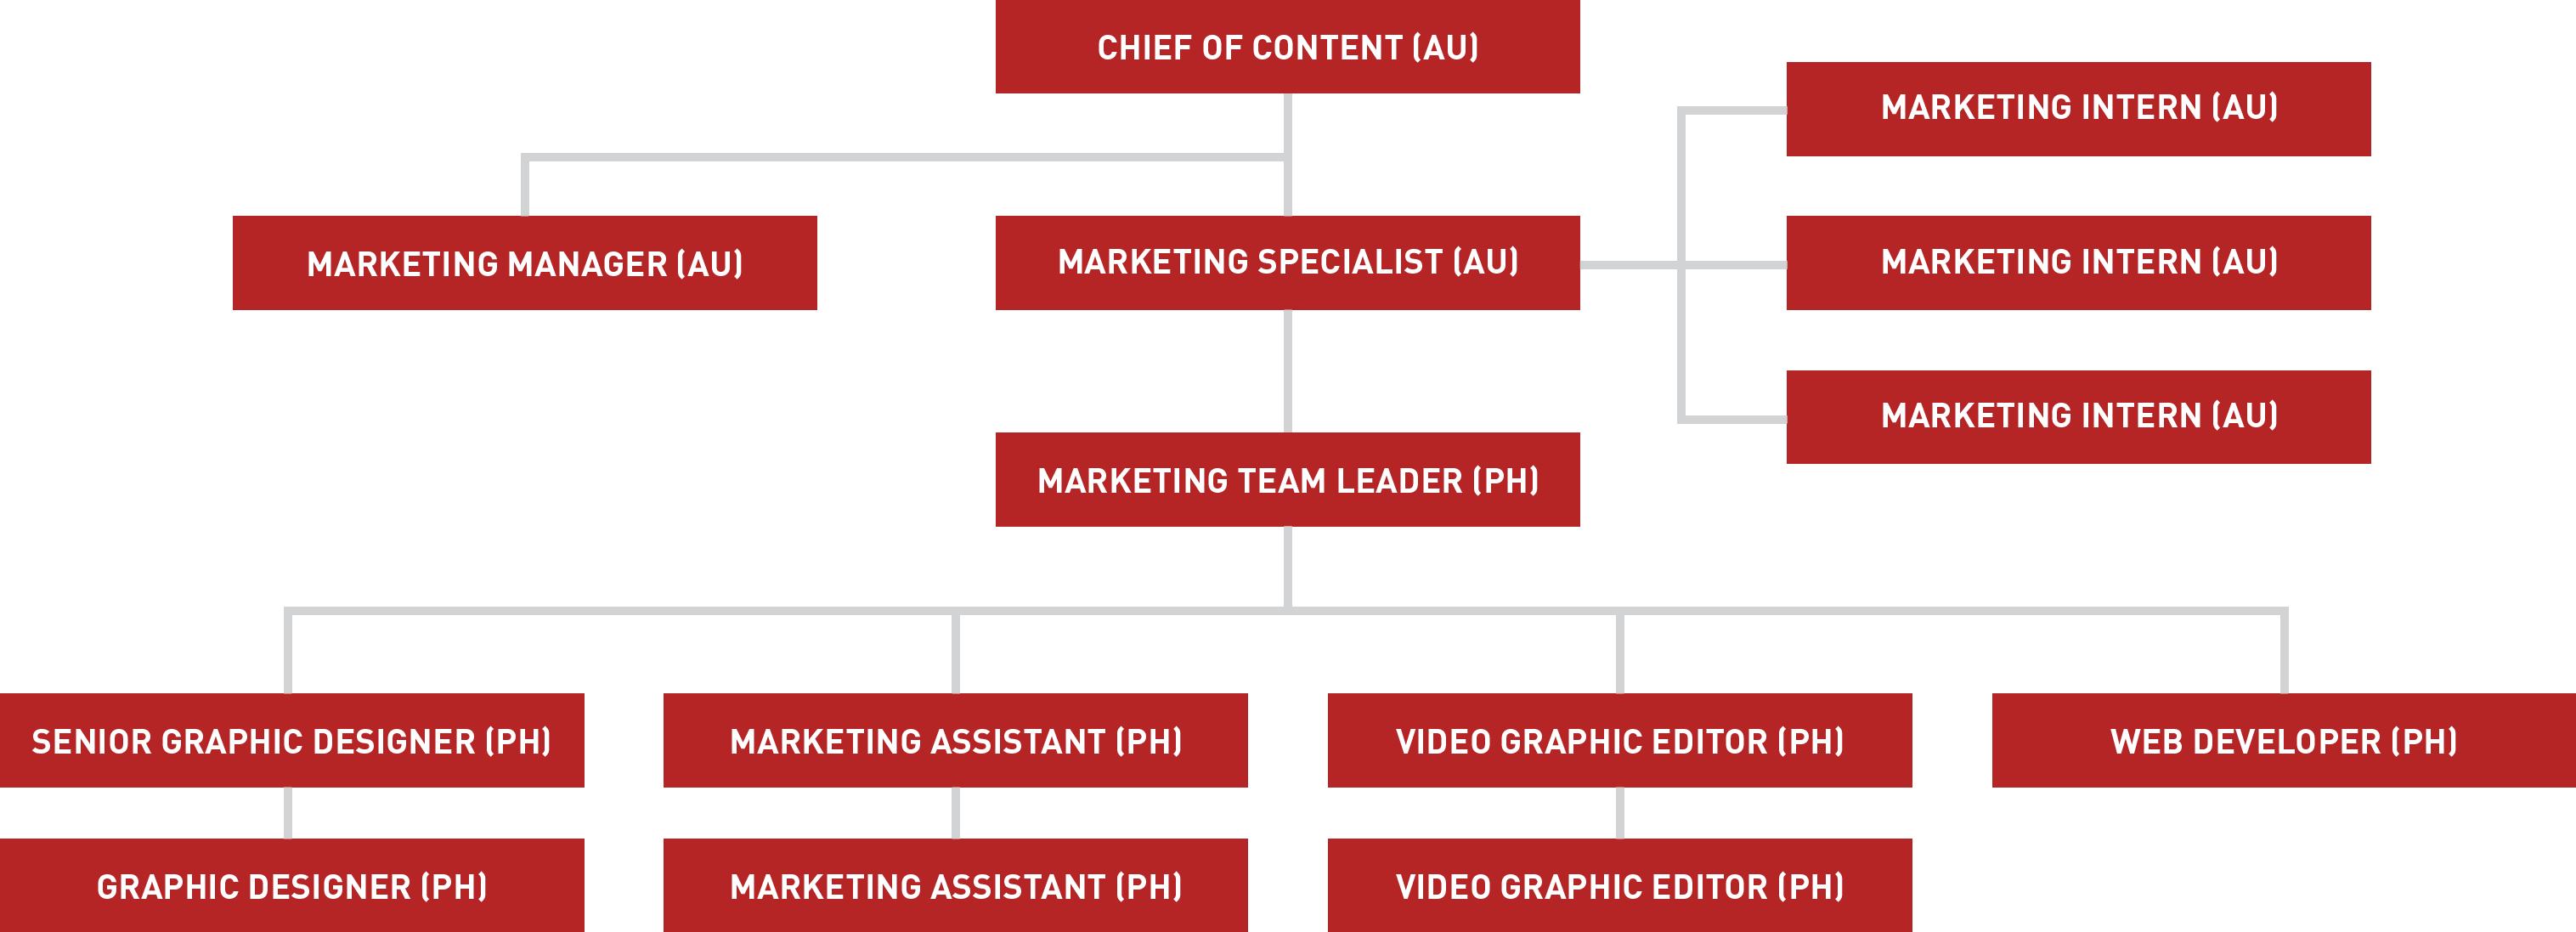 Beepo Organization Chart